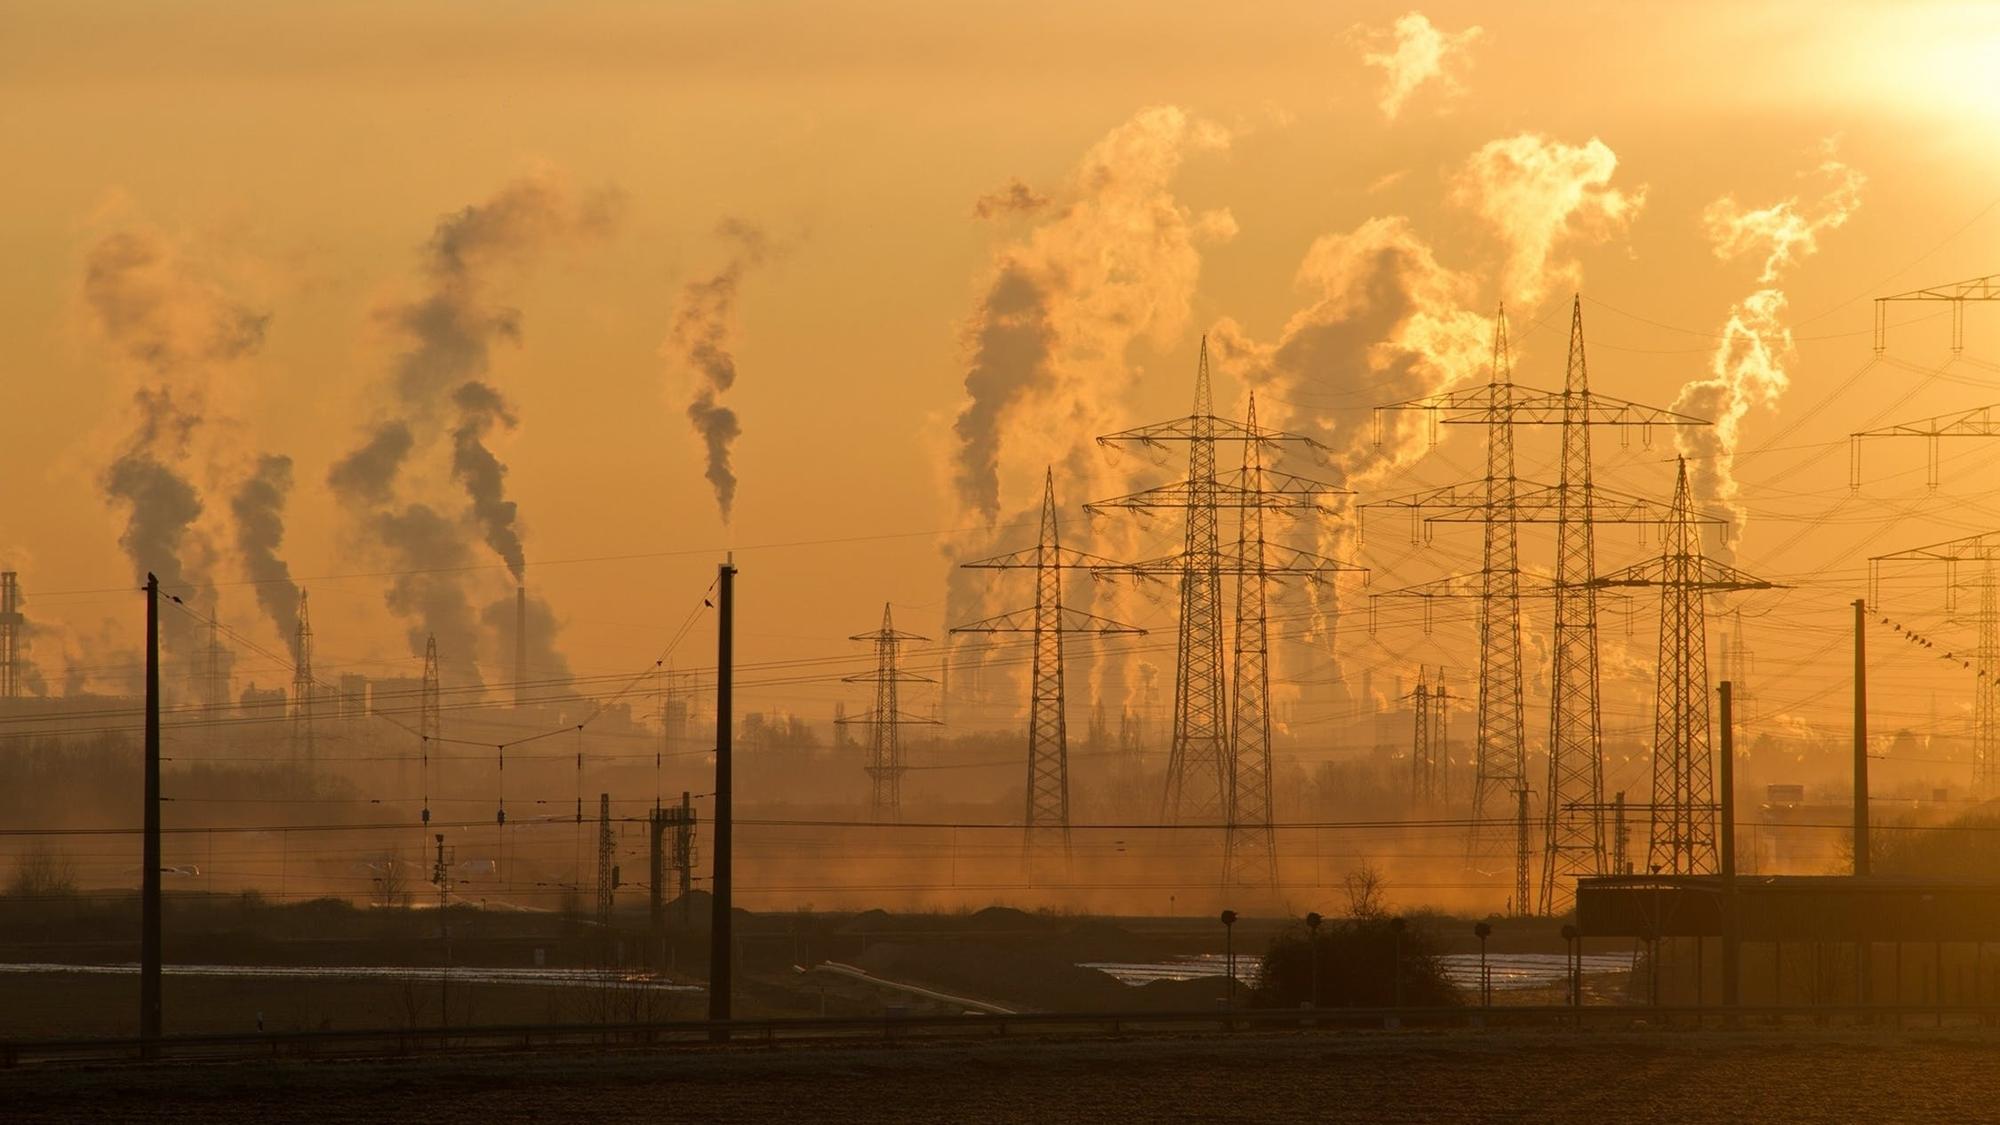 Desastres por calentamiento global costaron 84,800 mdd durante este año